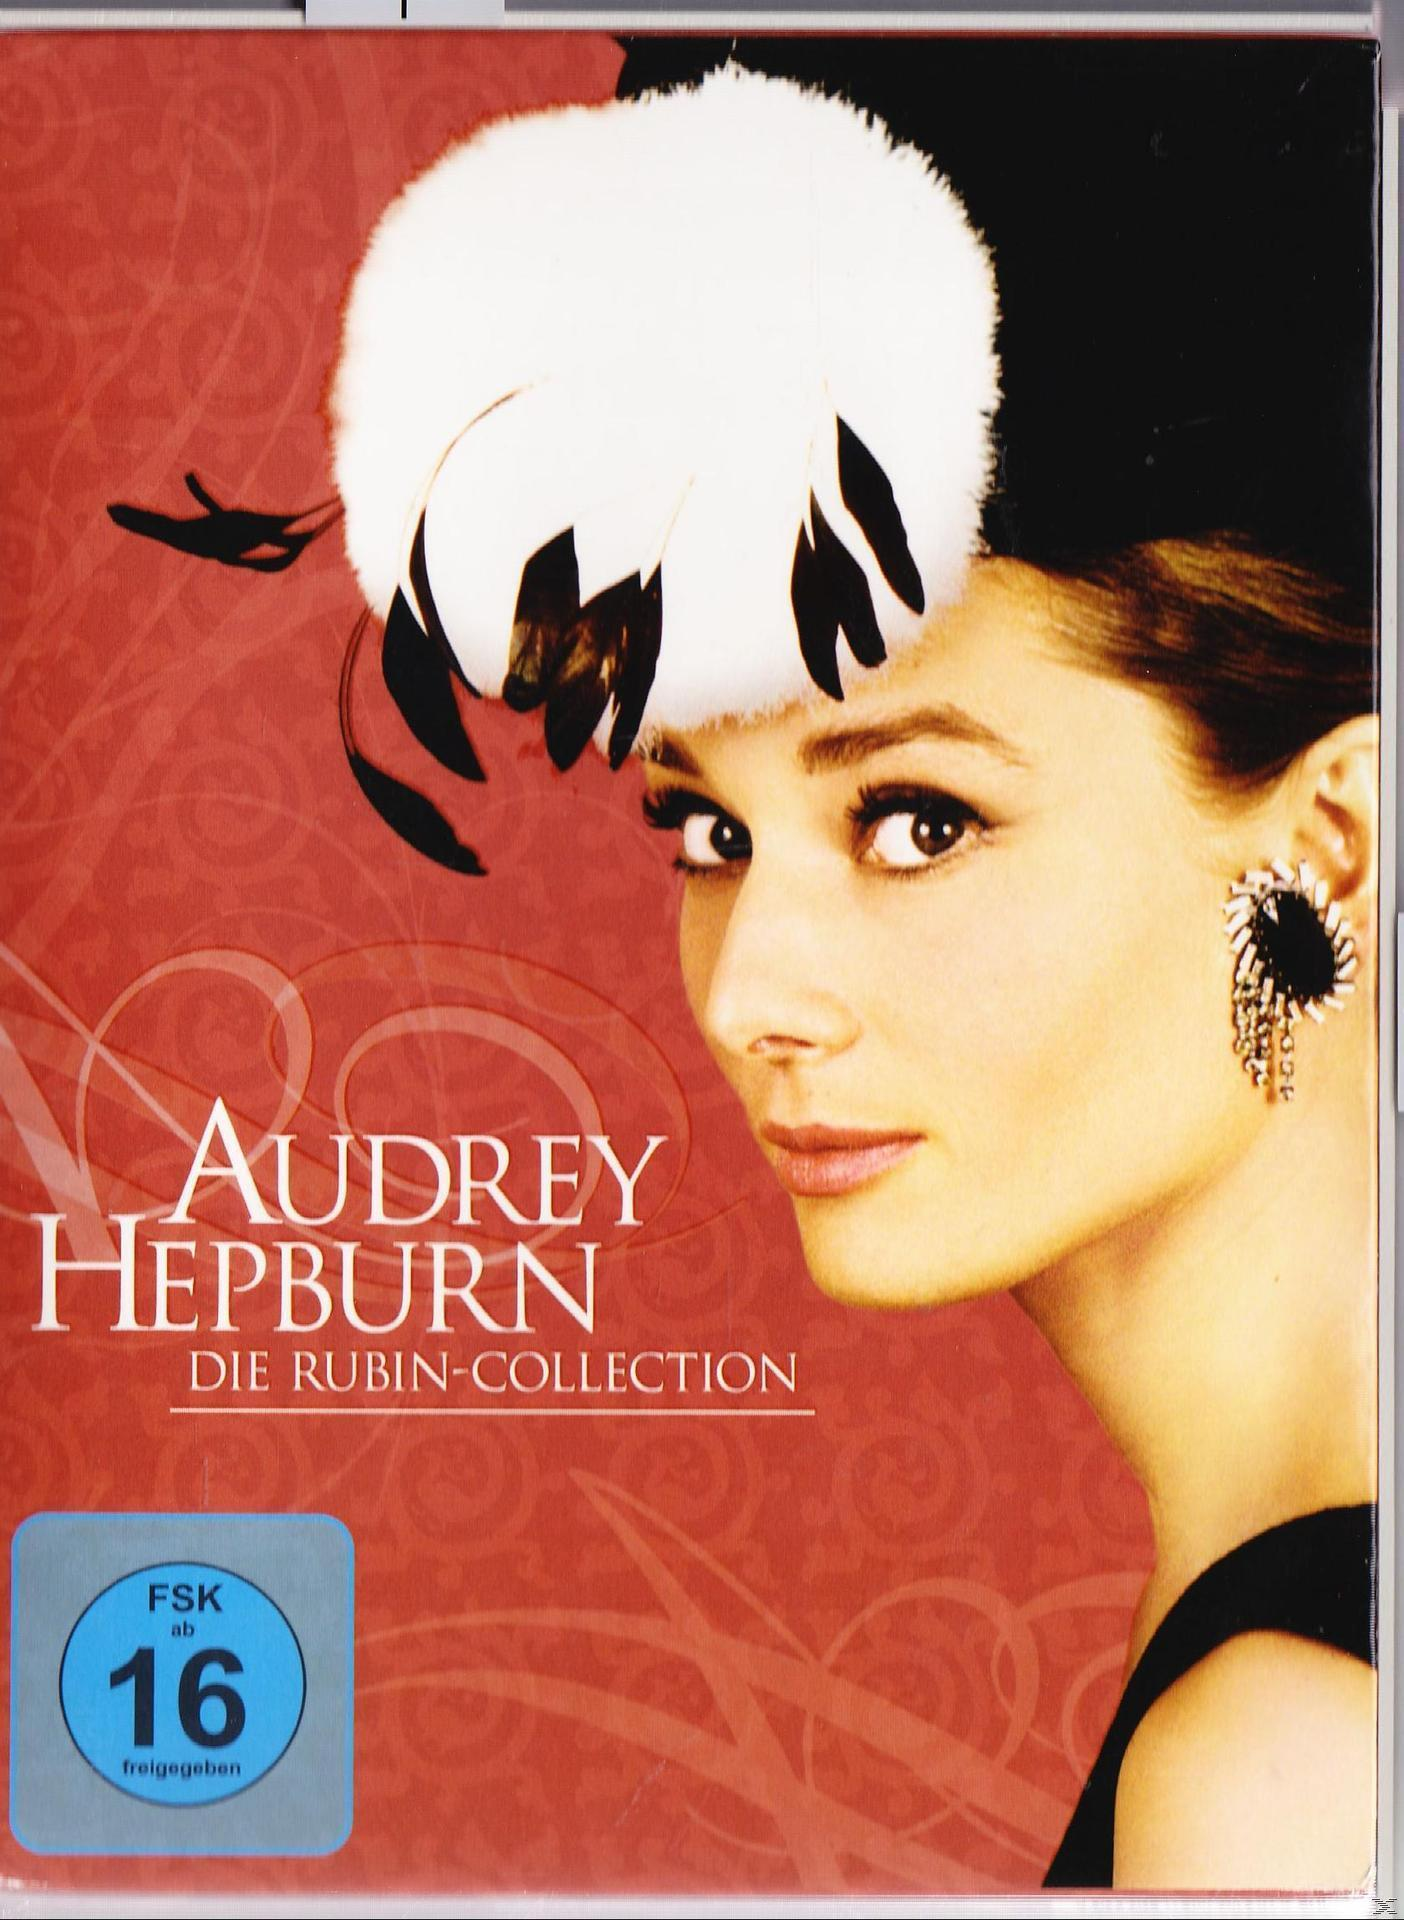 Audrey Hepburn - Die Rubin-Collection (DVD) für 34,99 Euro